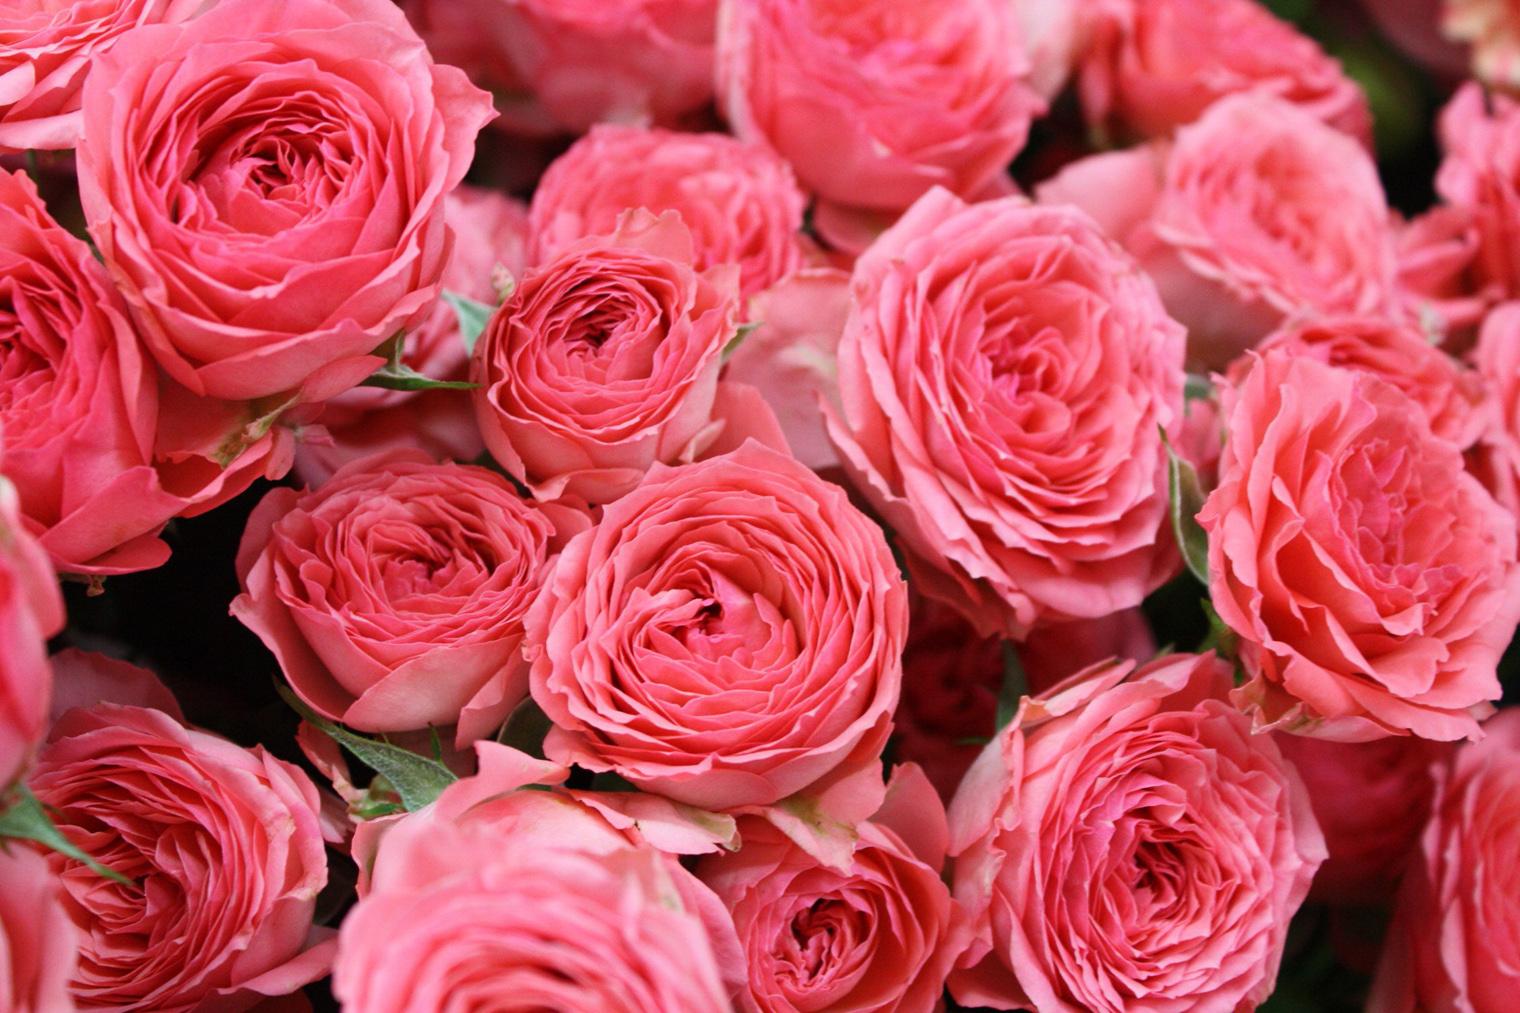 Картинки розовых роз